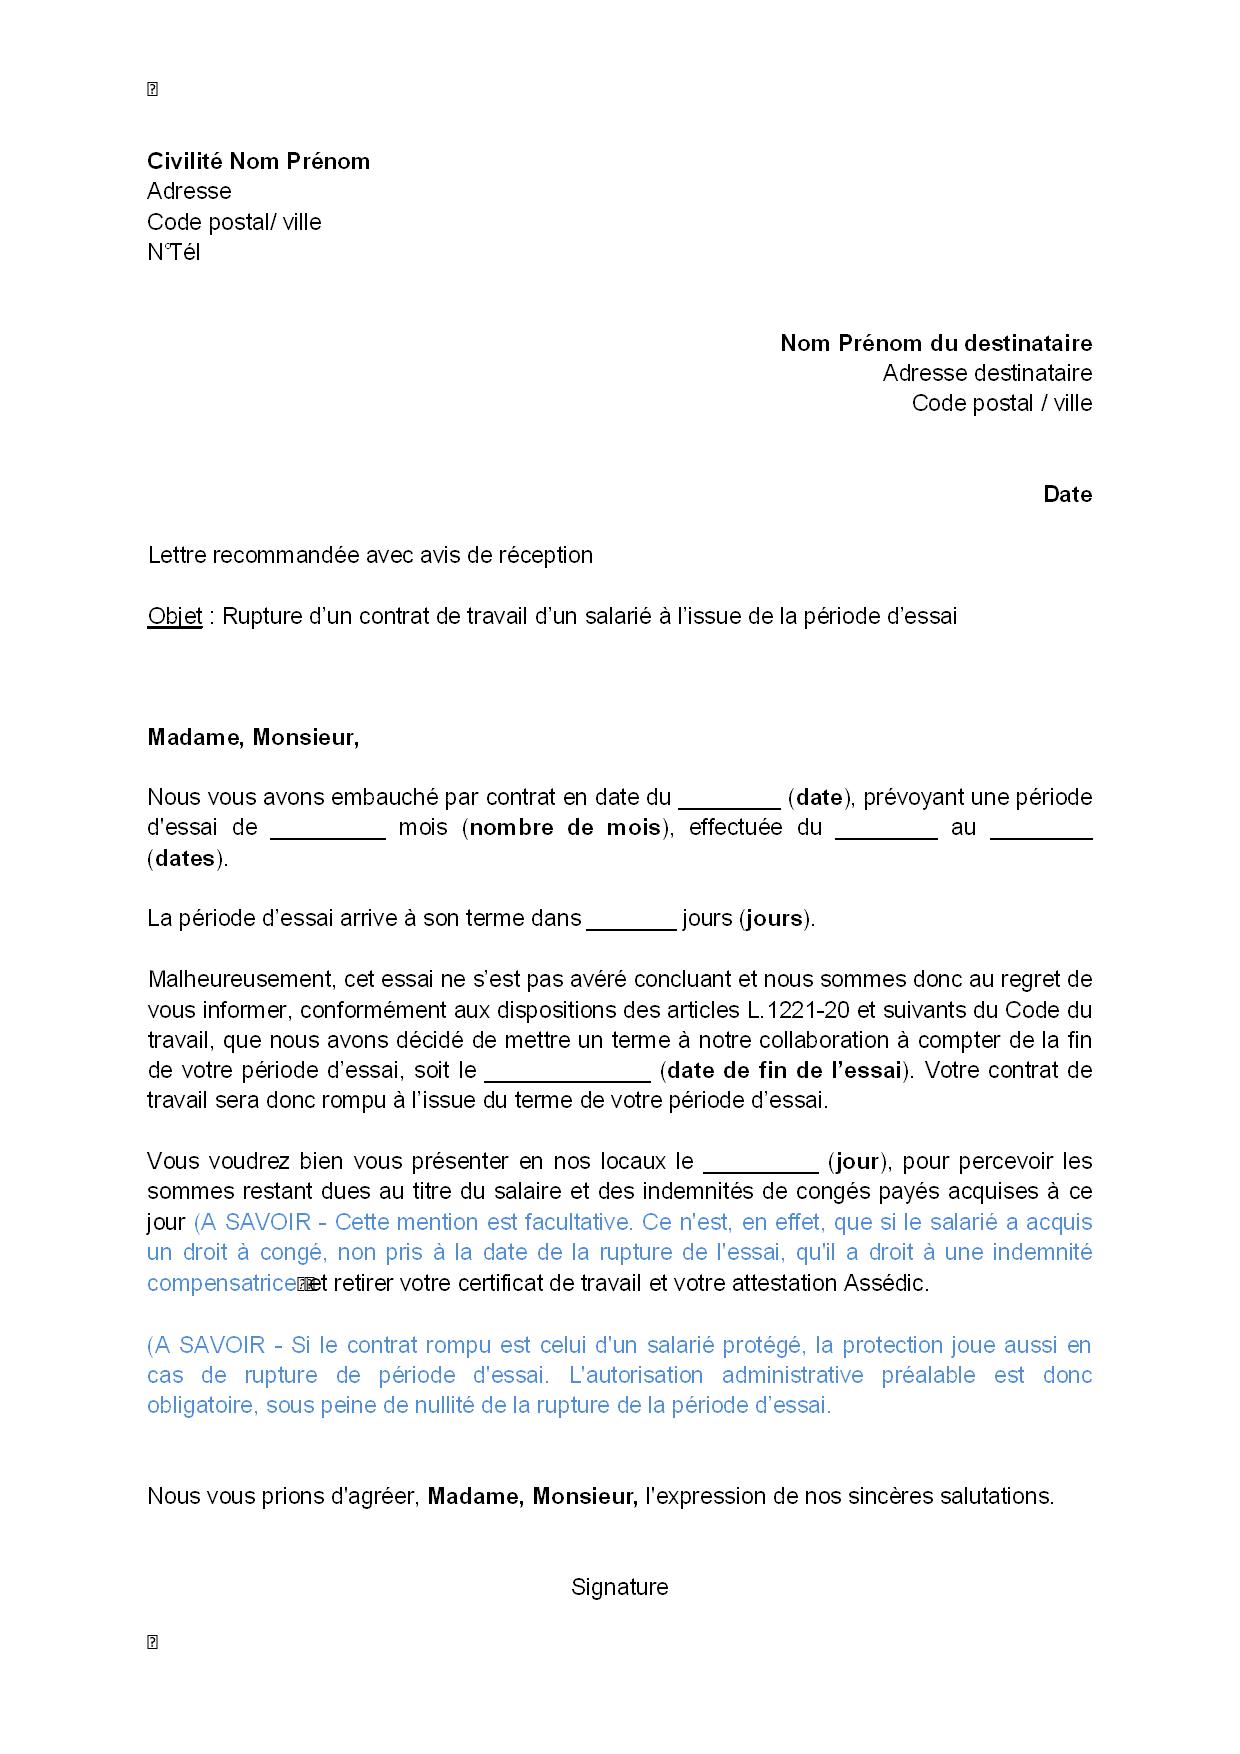 Modèle de lettre pour résiliation de contrat - Modèle de lettre